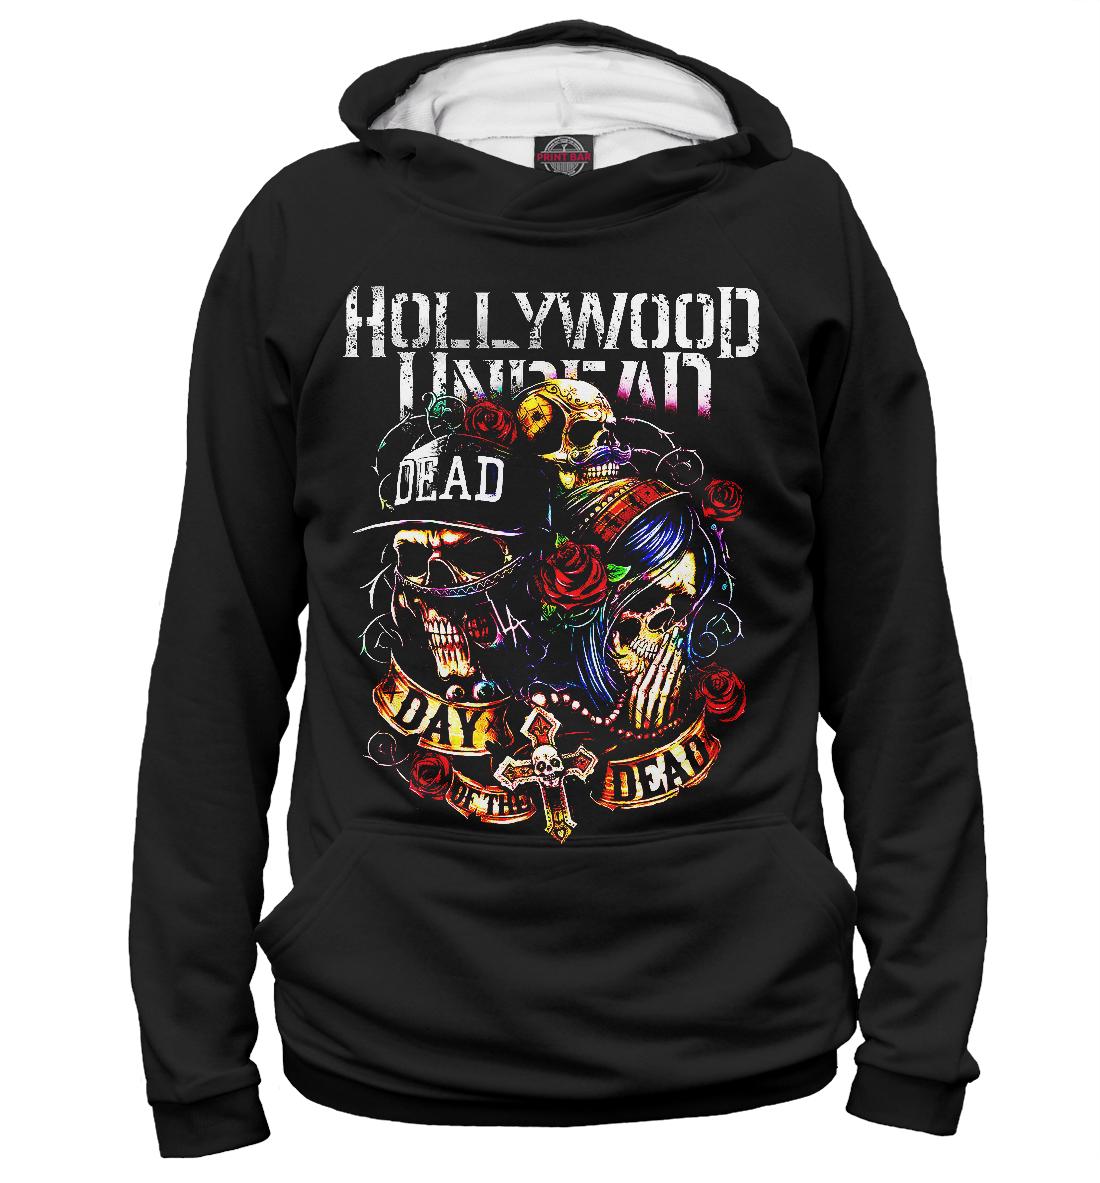 Купить Hollywood Undead, Printbar, Худи, HLW-801412-hud-1